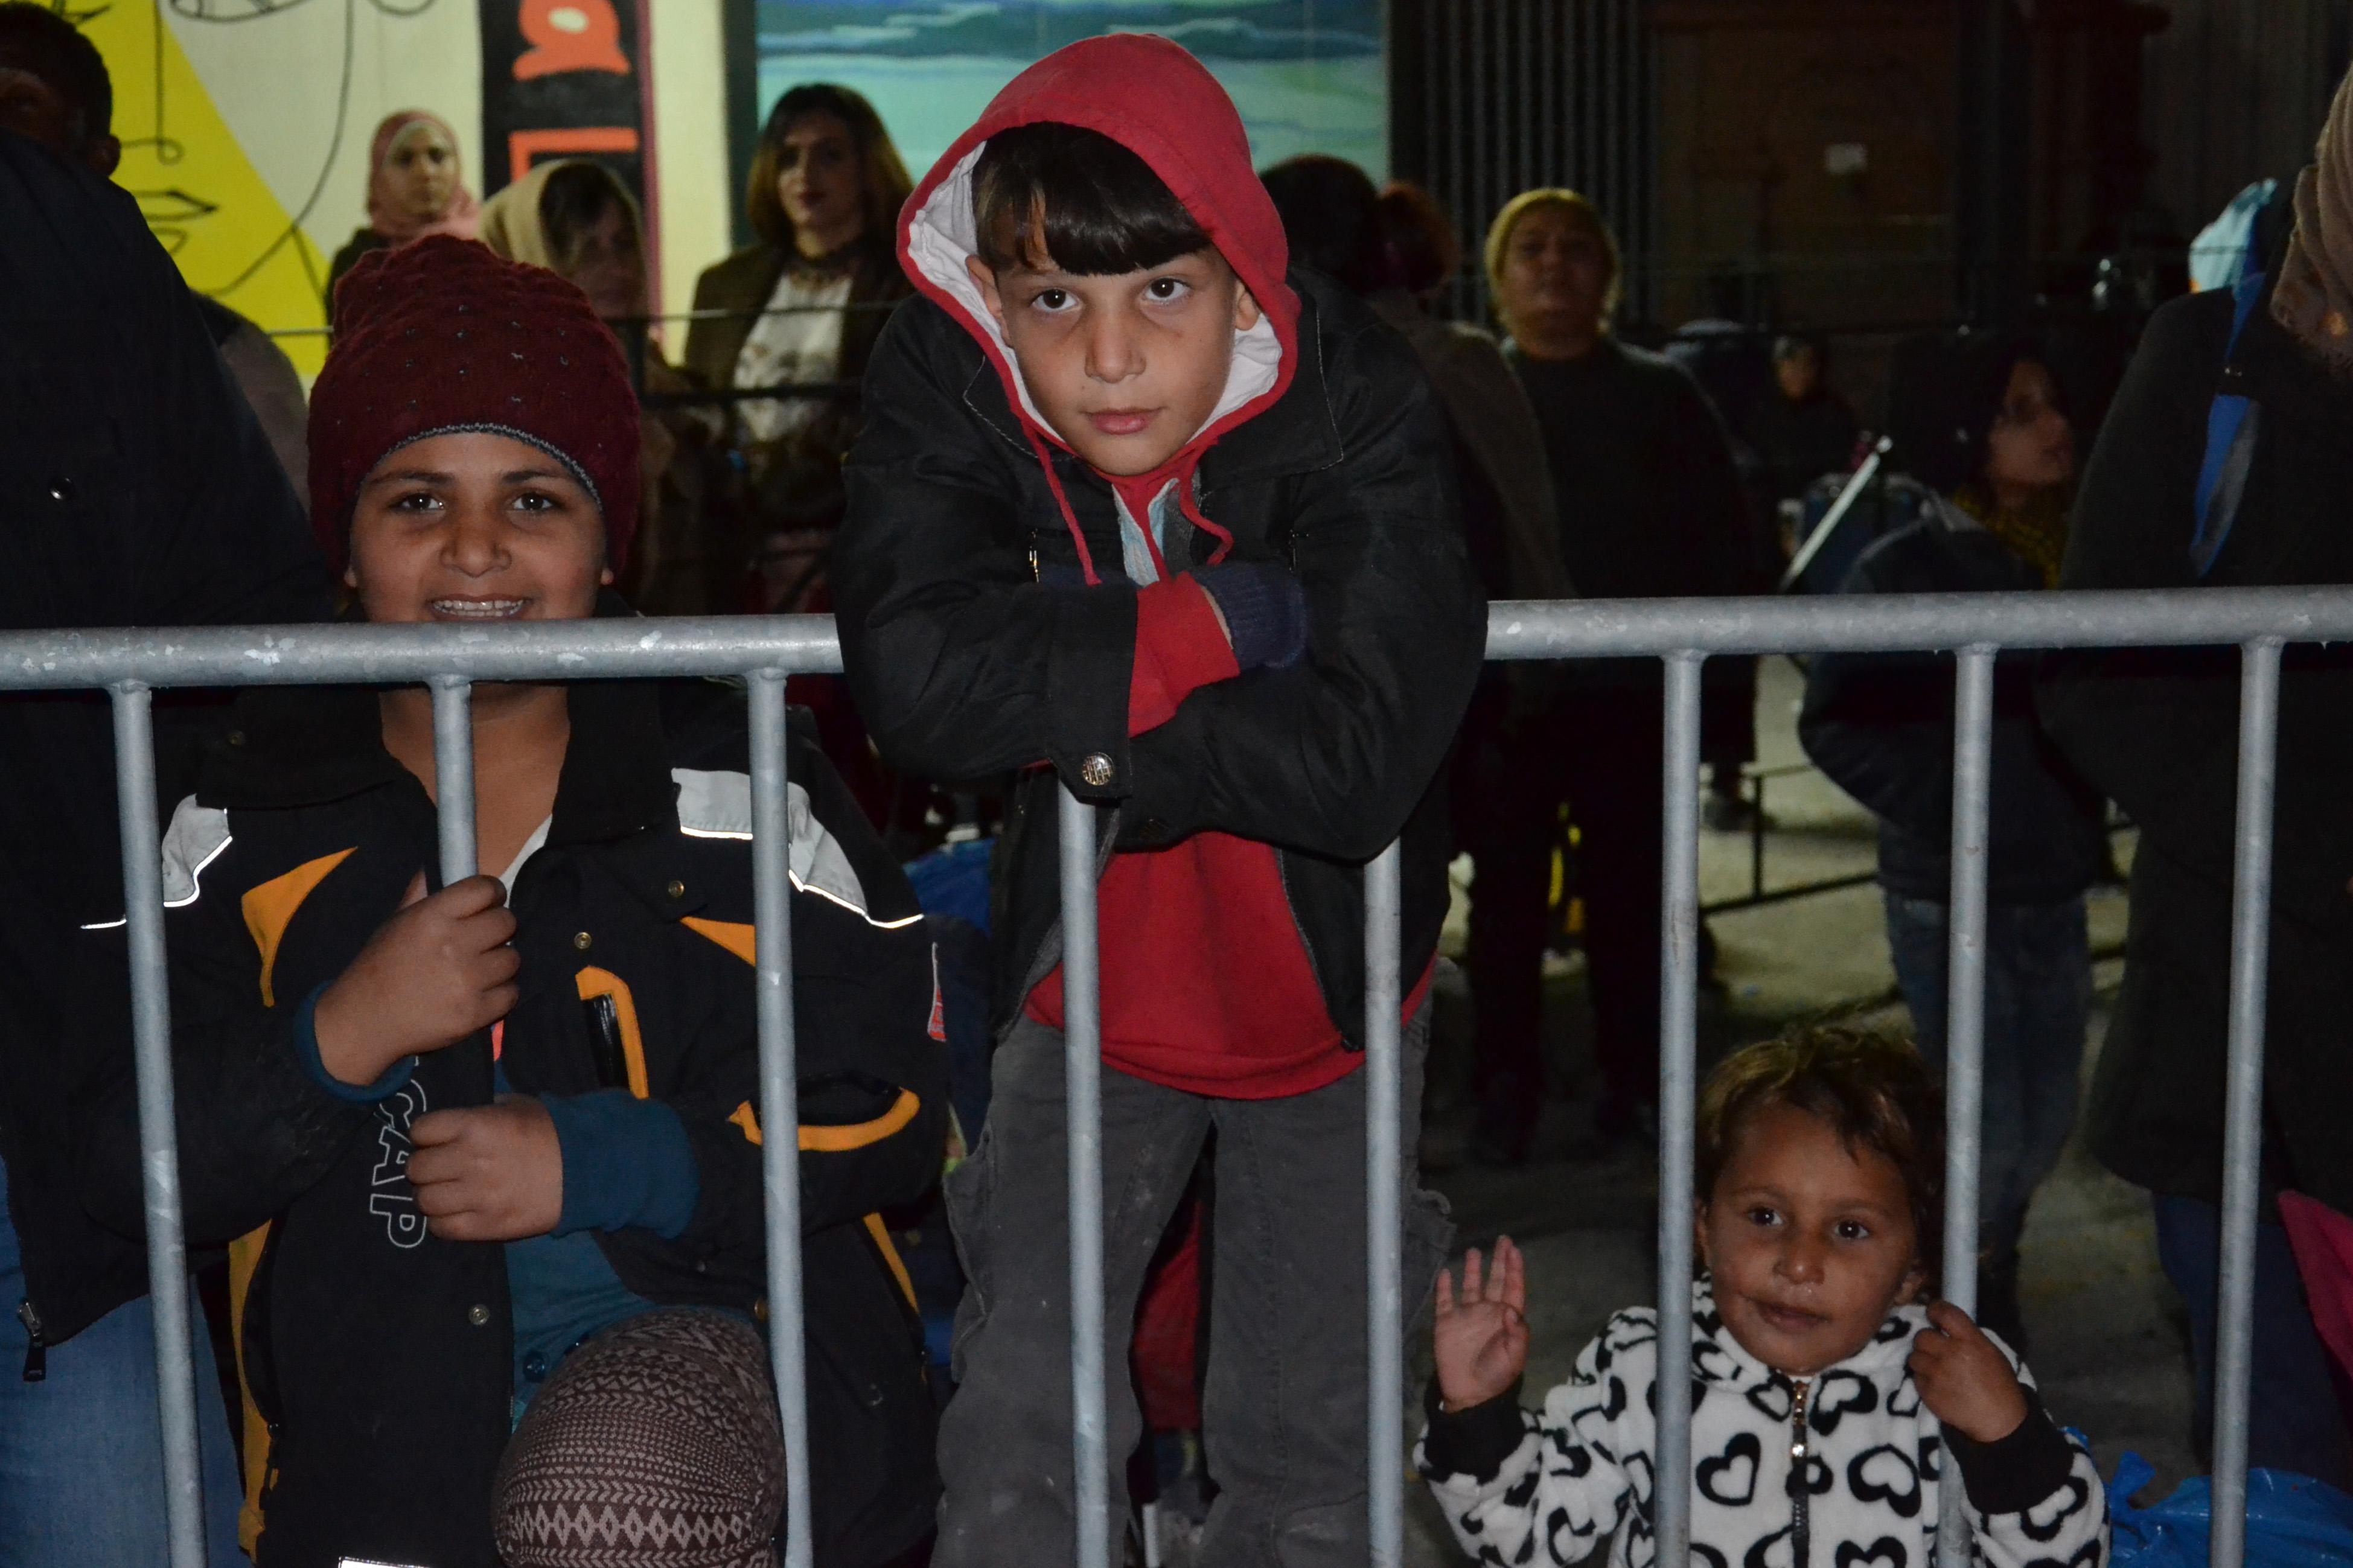 ΟΗΕ: Έκκληση για μεταφορά προσφύγων στην ηπειρωτική Ελλάδα | tovima.gr